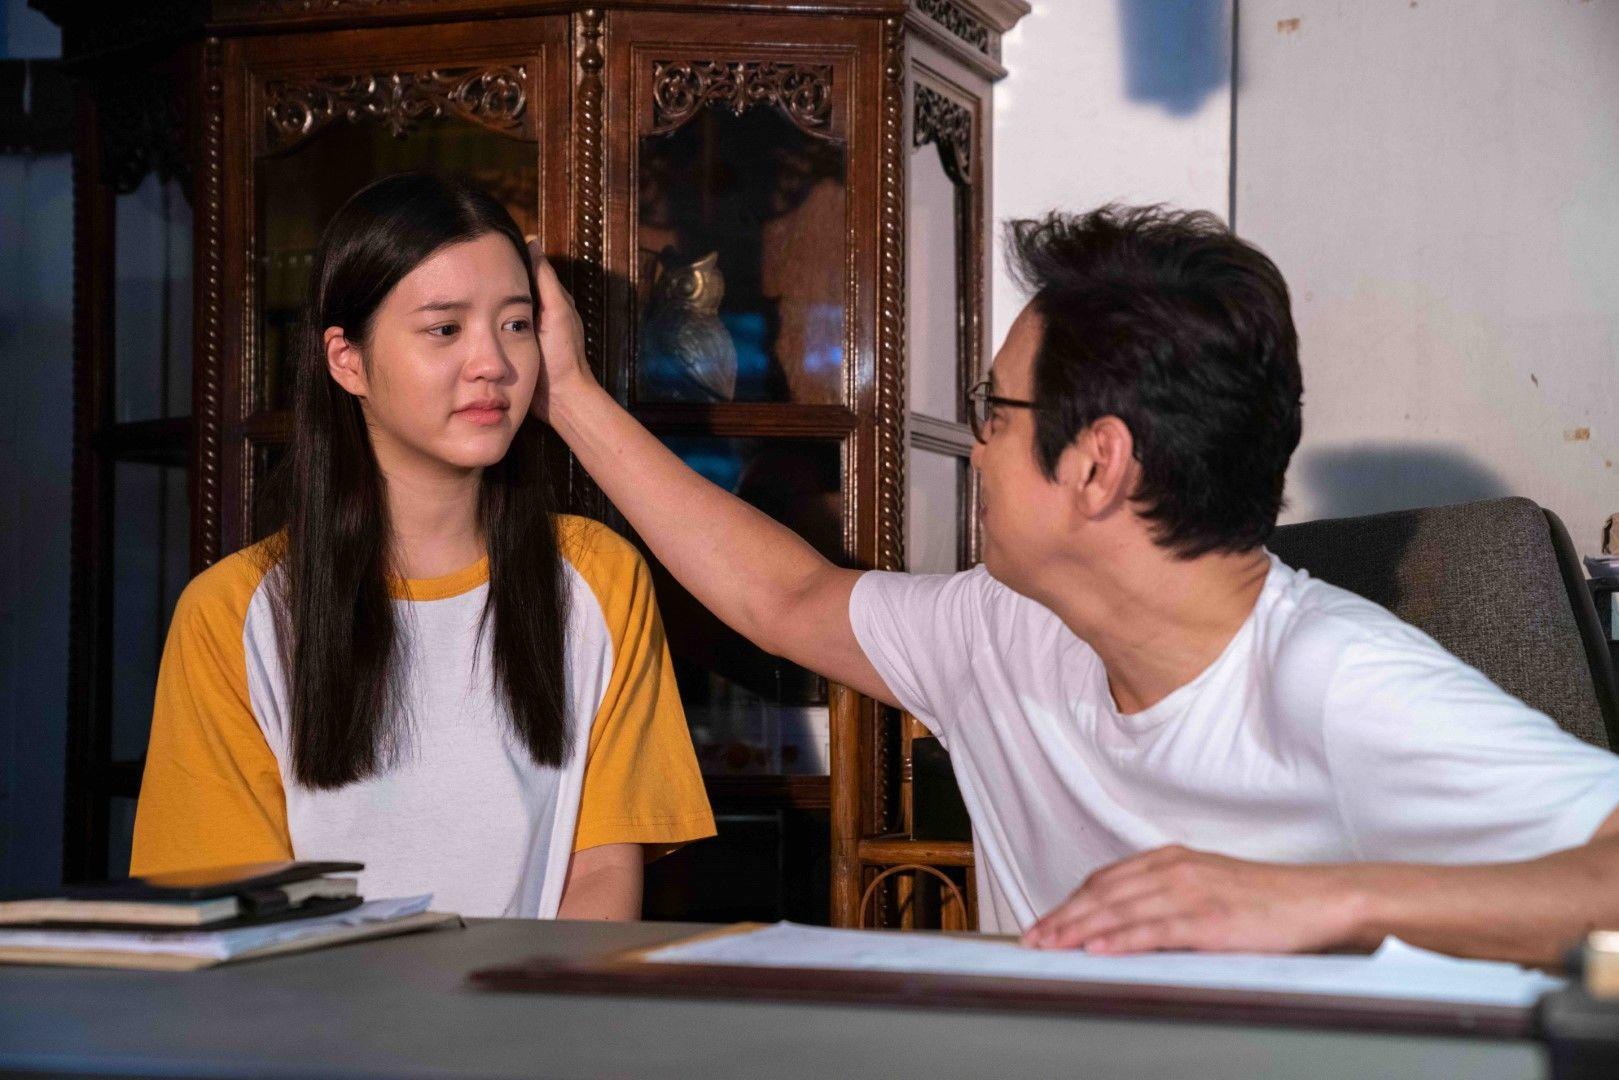 แท่ง-วิลลี่ เจอโจทย์ยาก รับบทพ่อ ในละคร ฉลาดเกมส์โกง | ข่าวโดย Tadoo